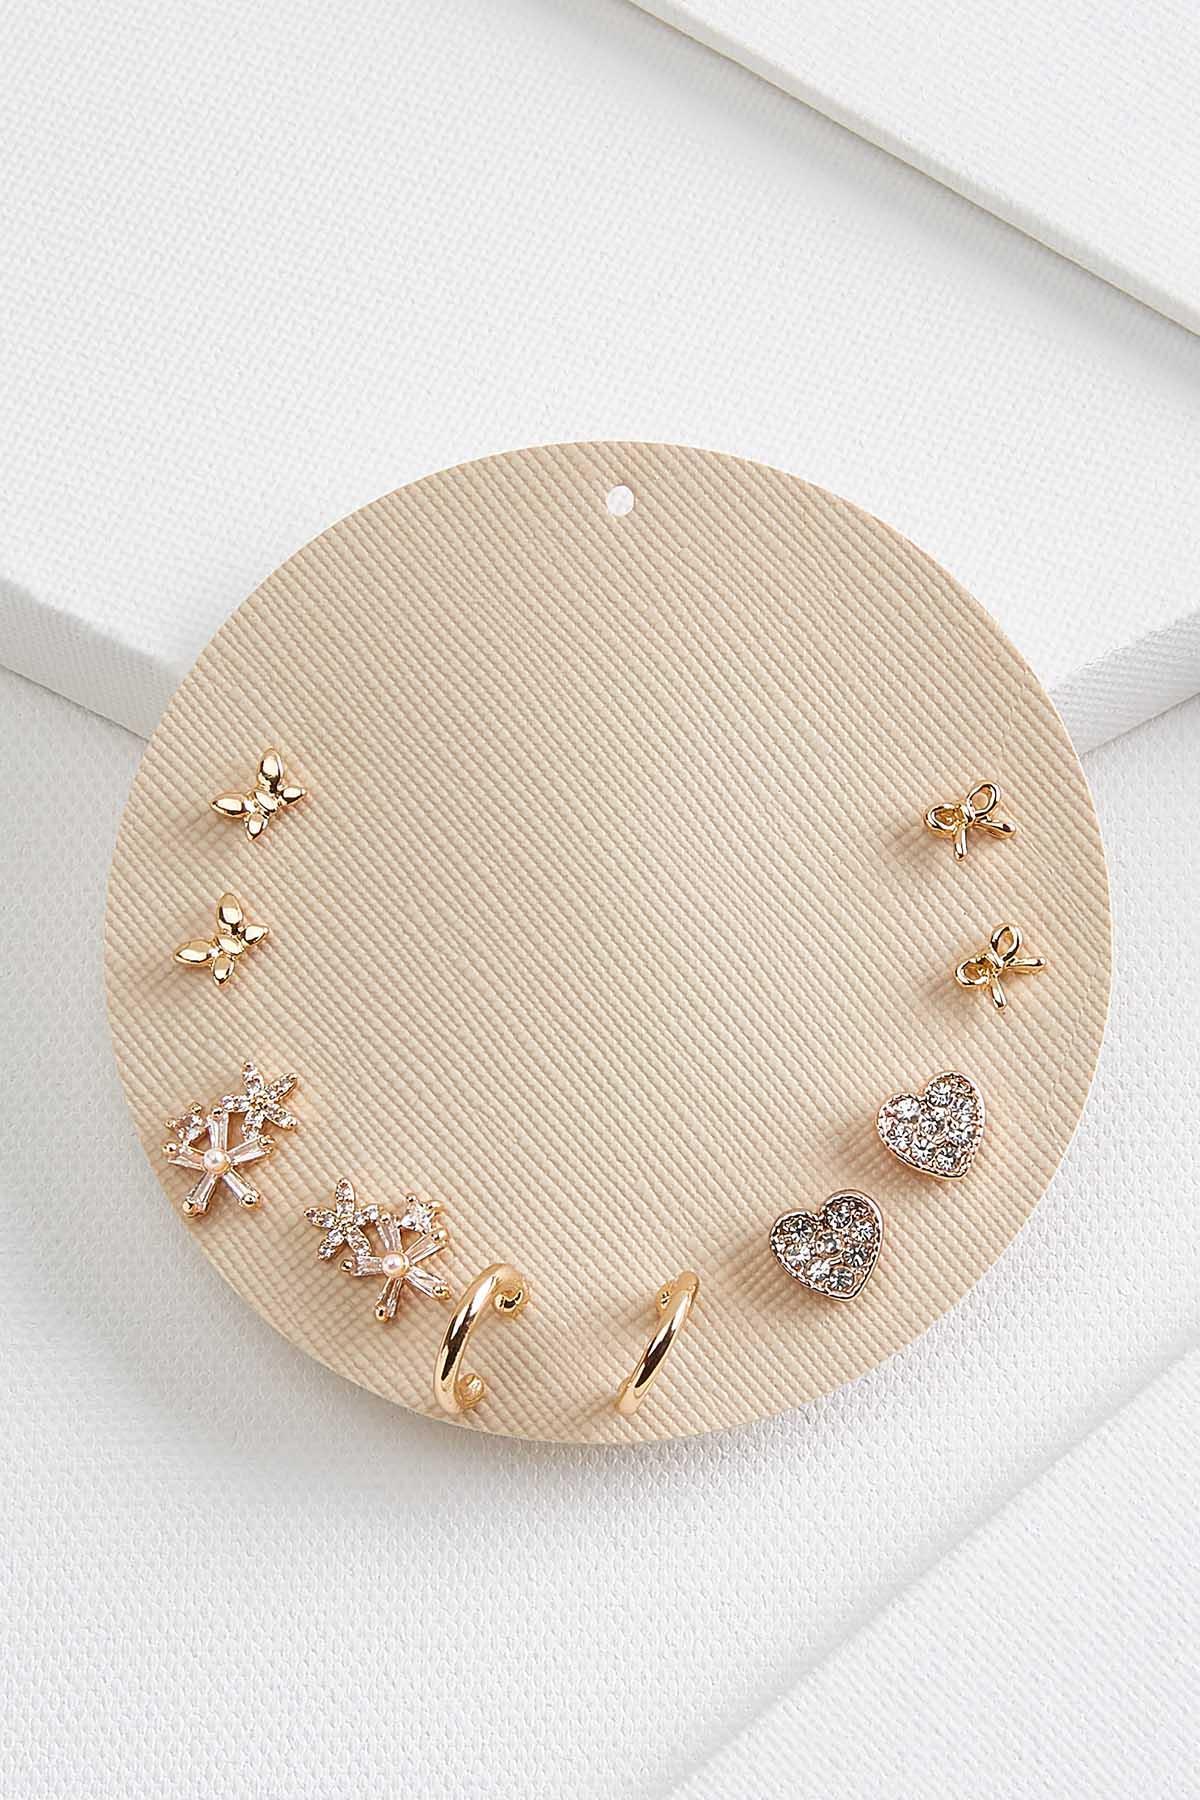 Floral Earrings Set